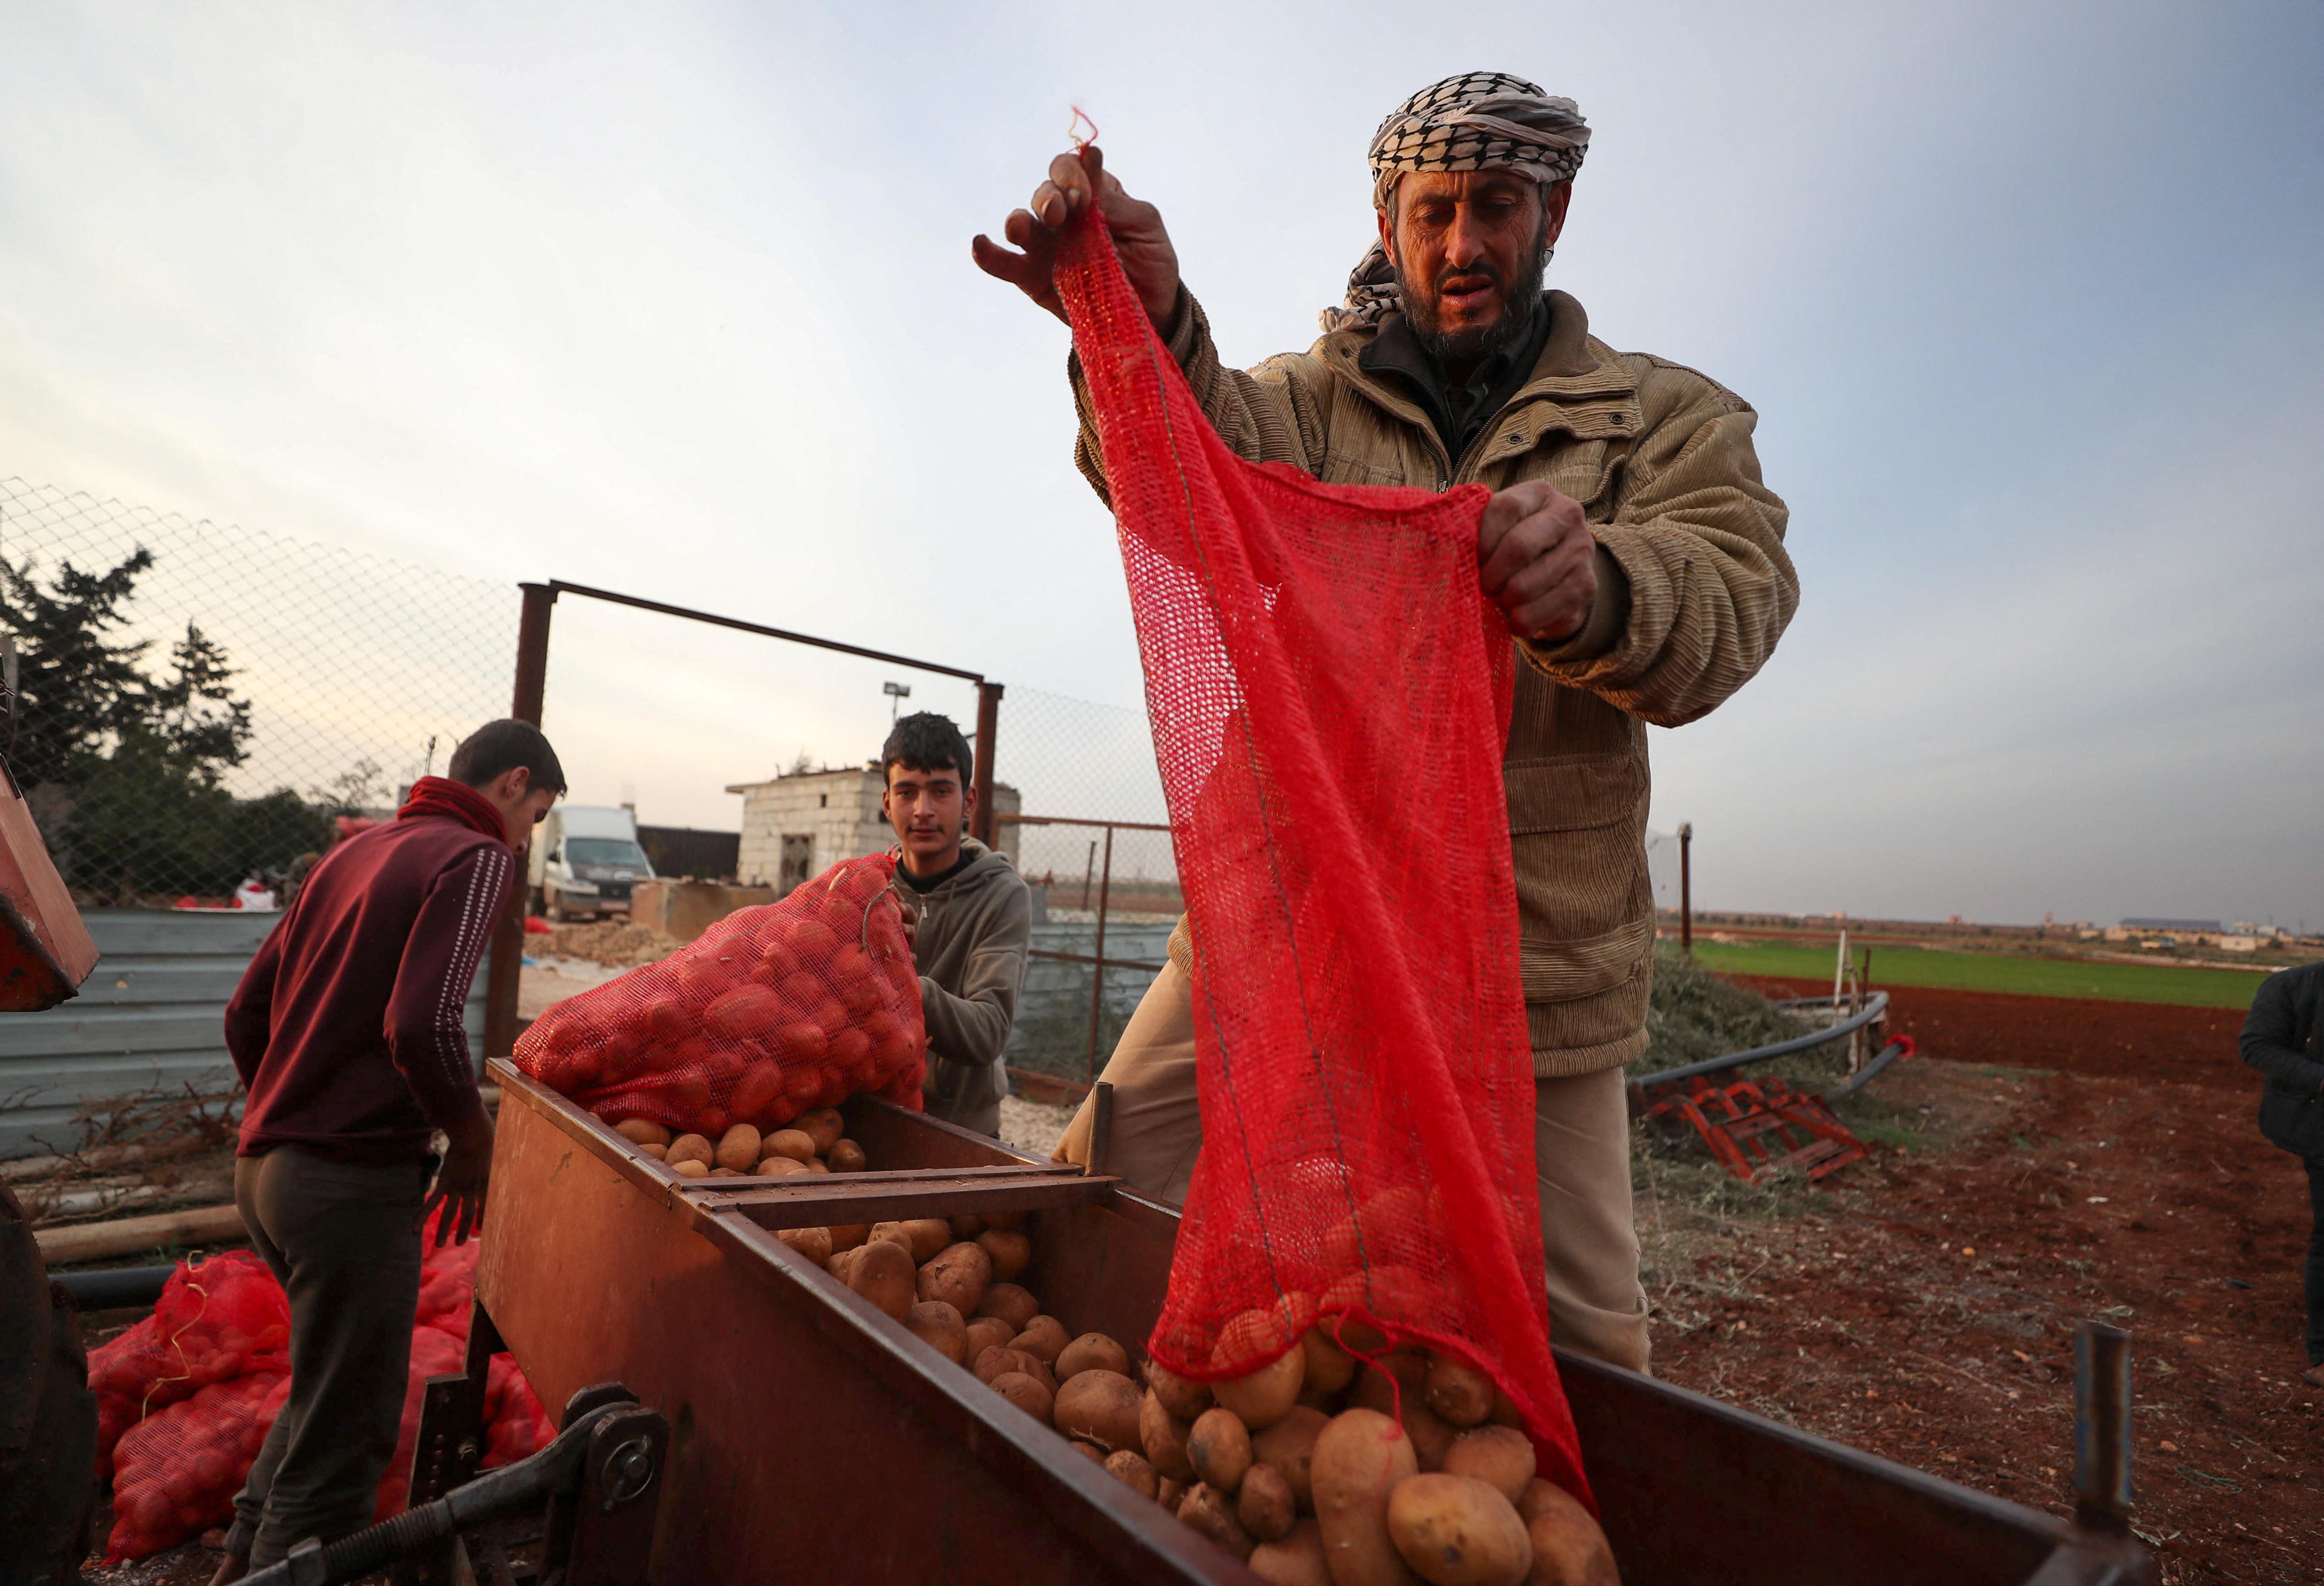 Aszad elnök a főzőműsorok betiltásával orvosolná a gazdasági válságot